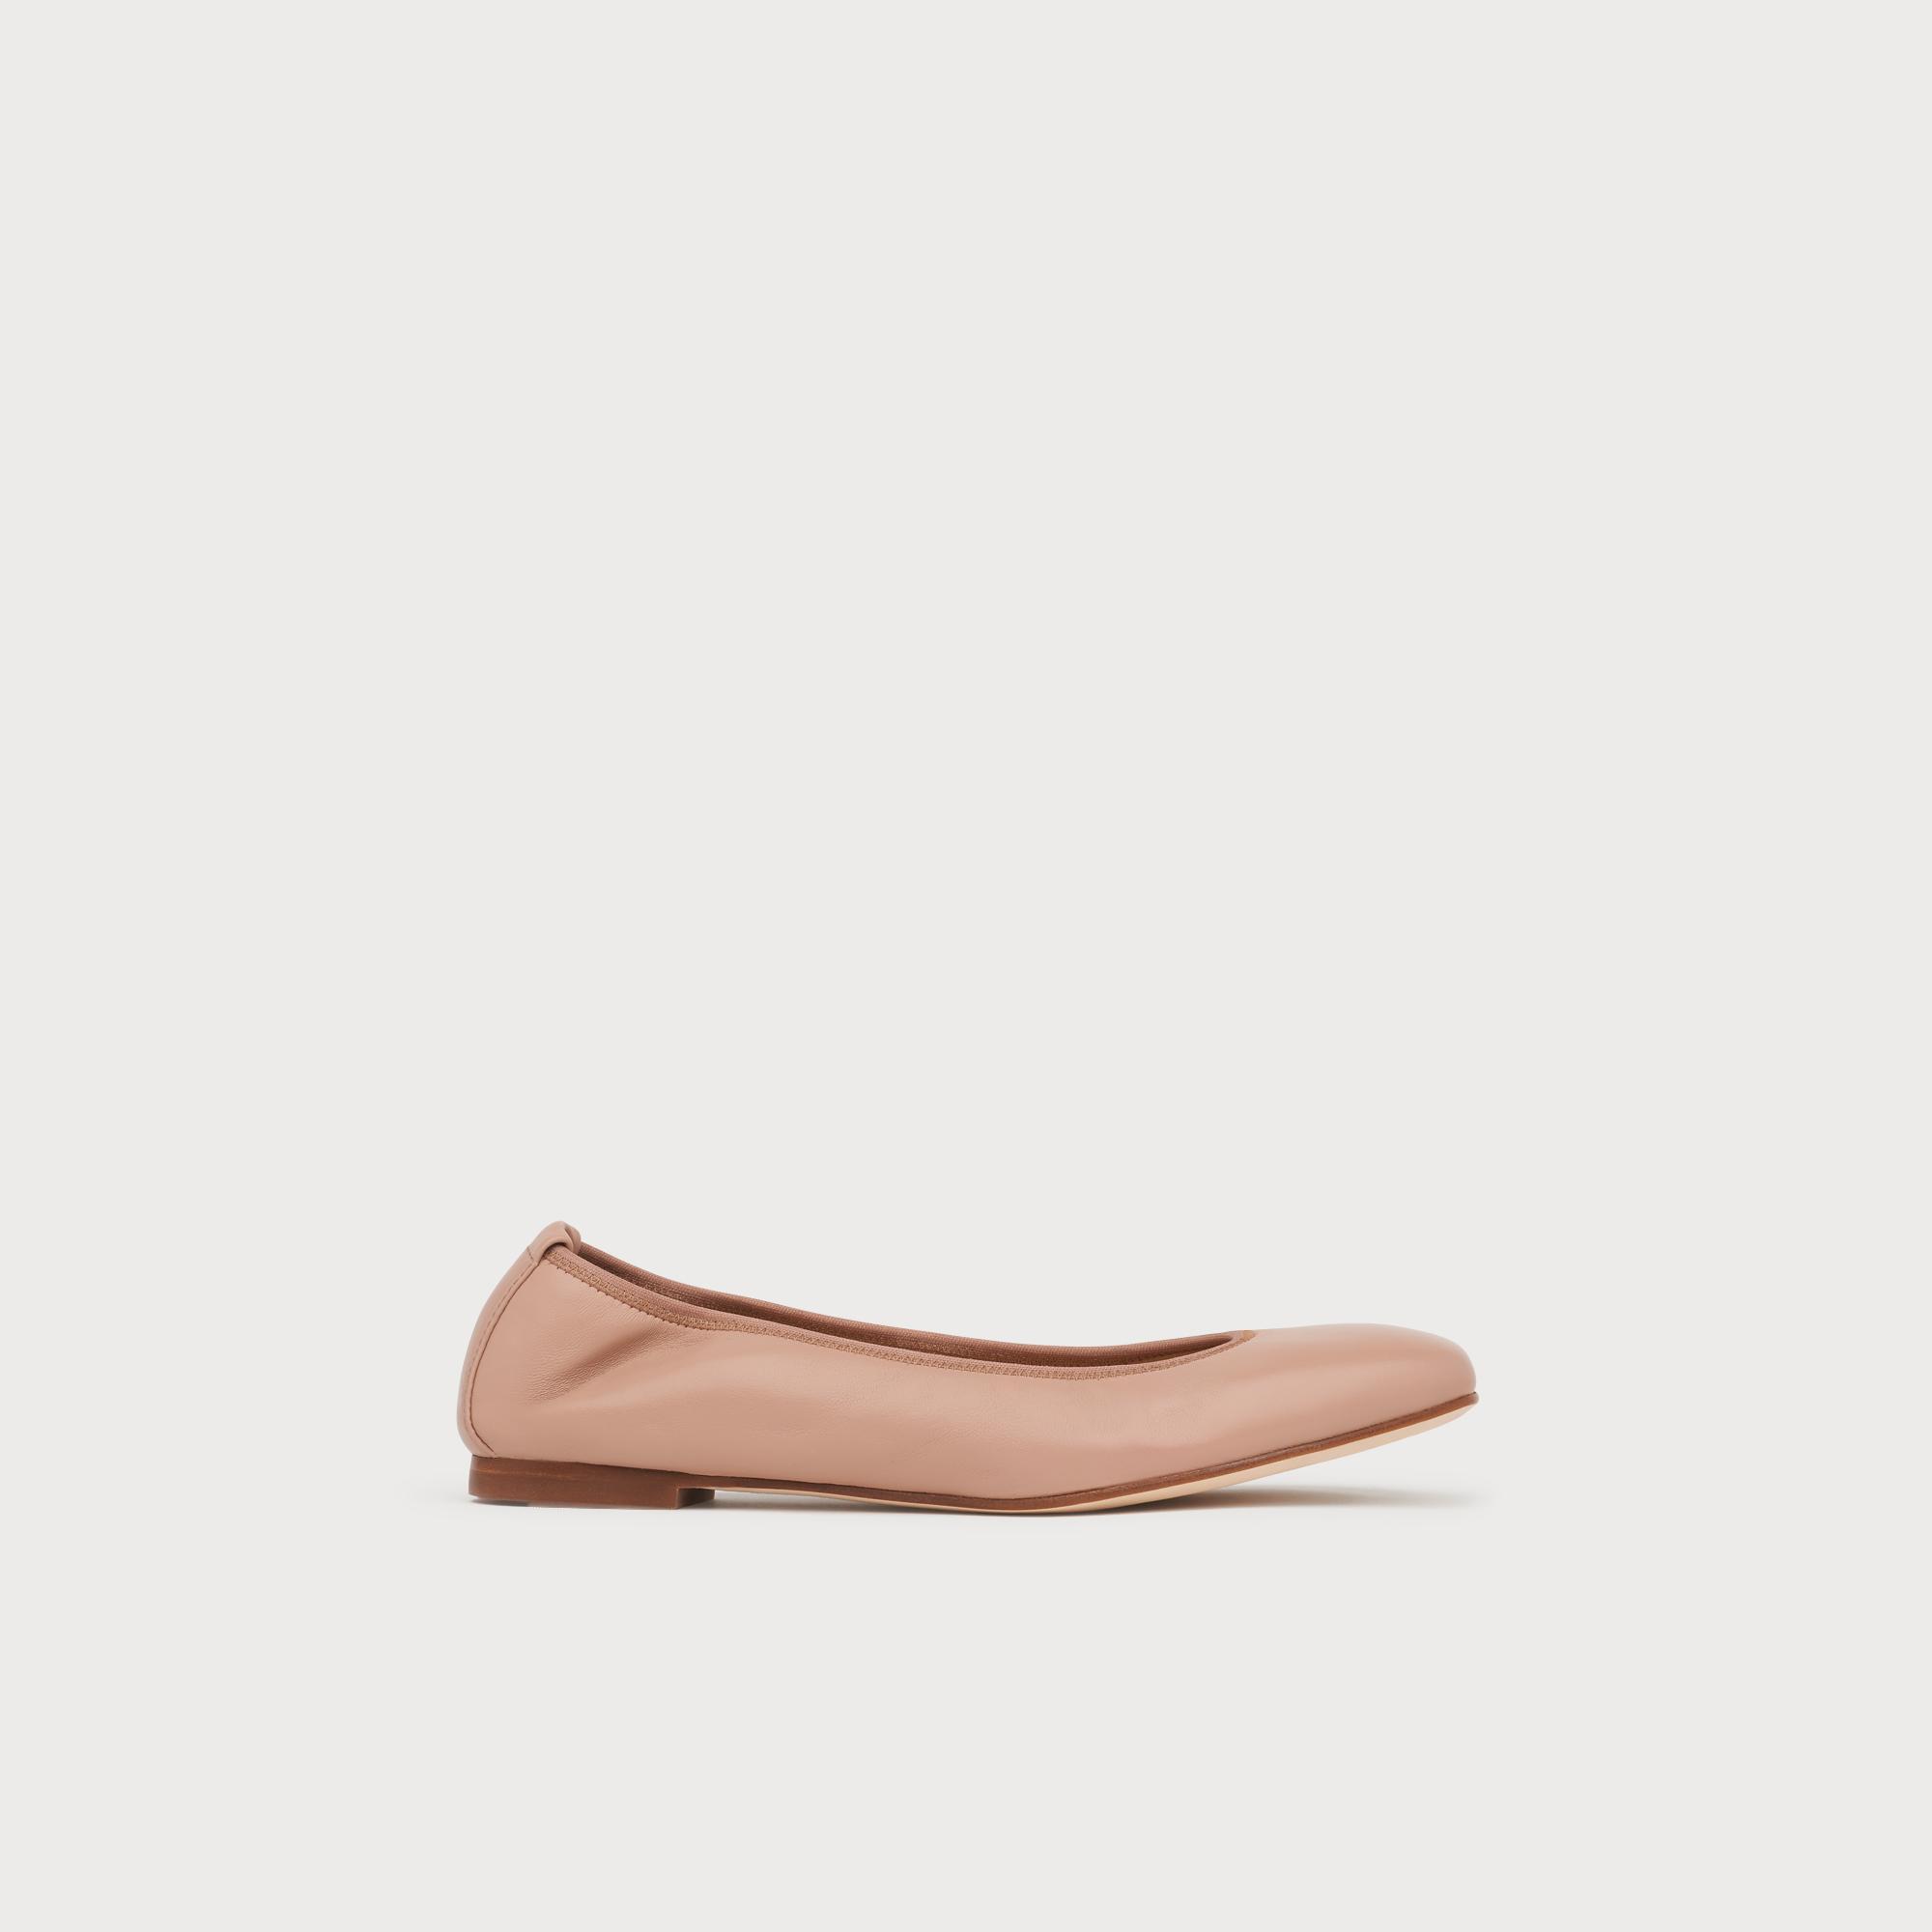 e8eb03d4e Trina Beige Leather Ballet Pumps